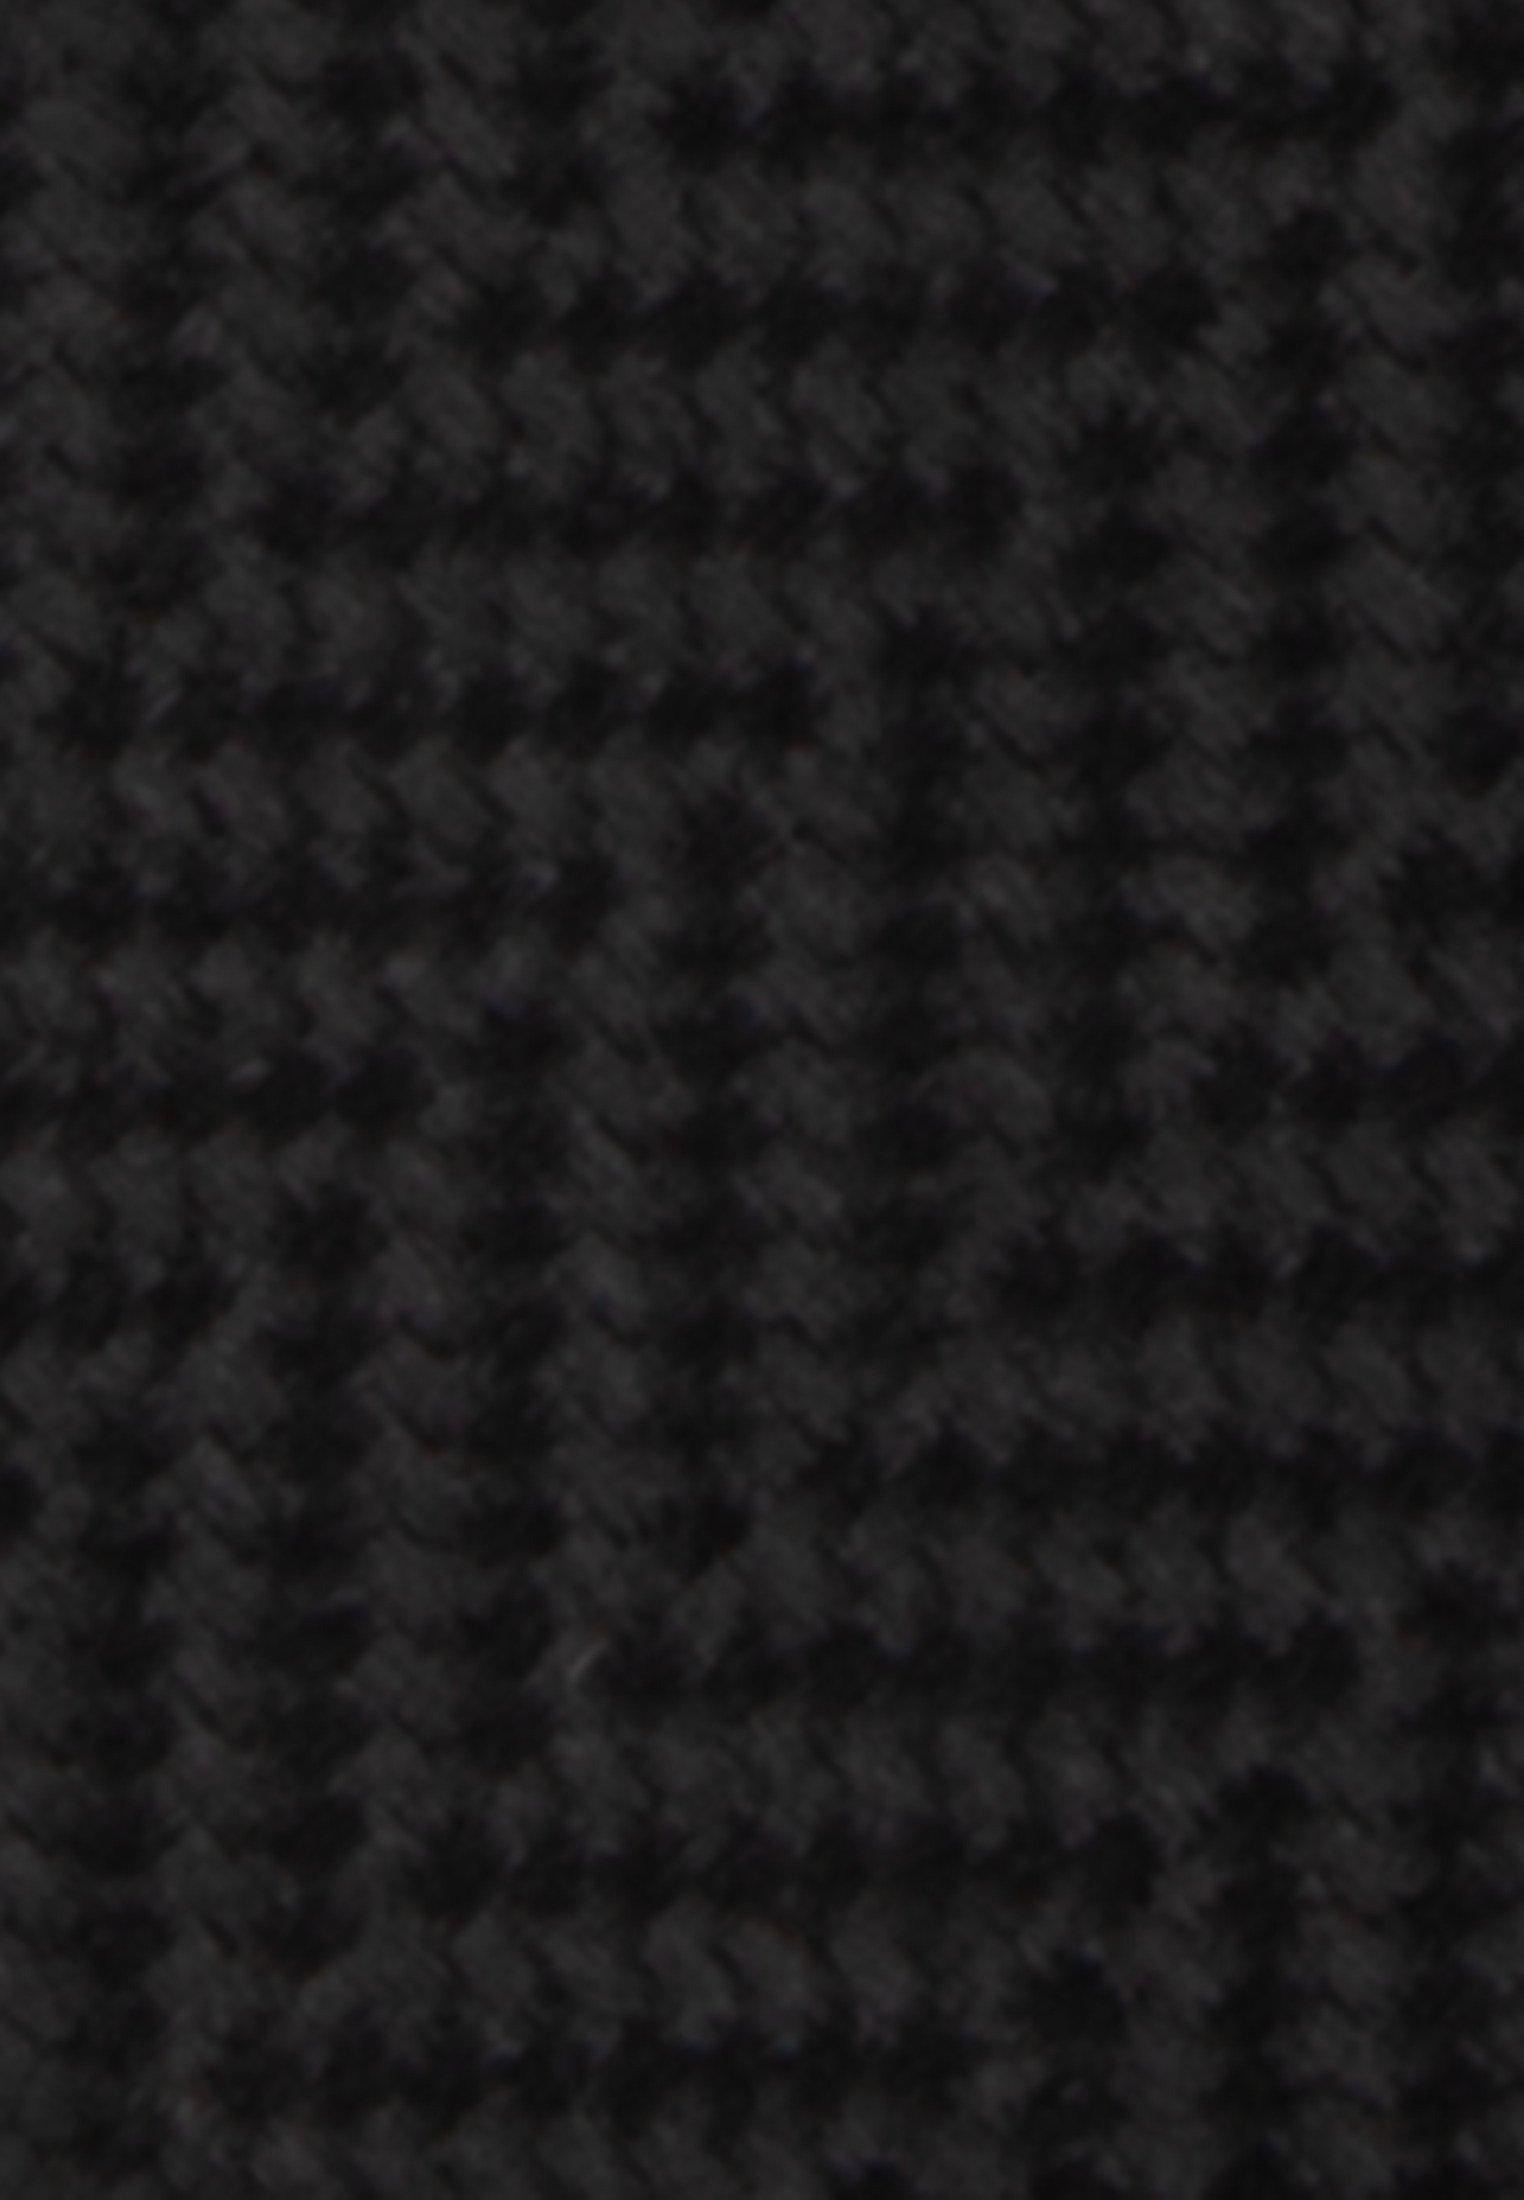 Seidensticker Krawatte - schwarz - Herrenaccessoires sBqcT